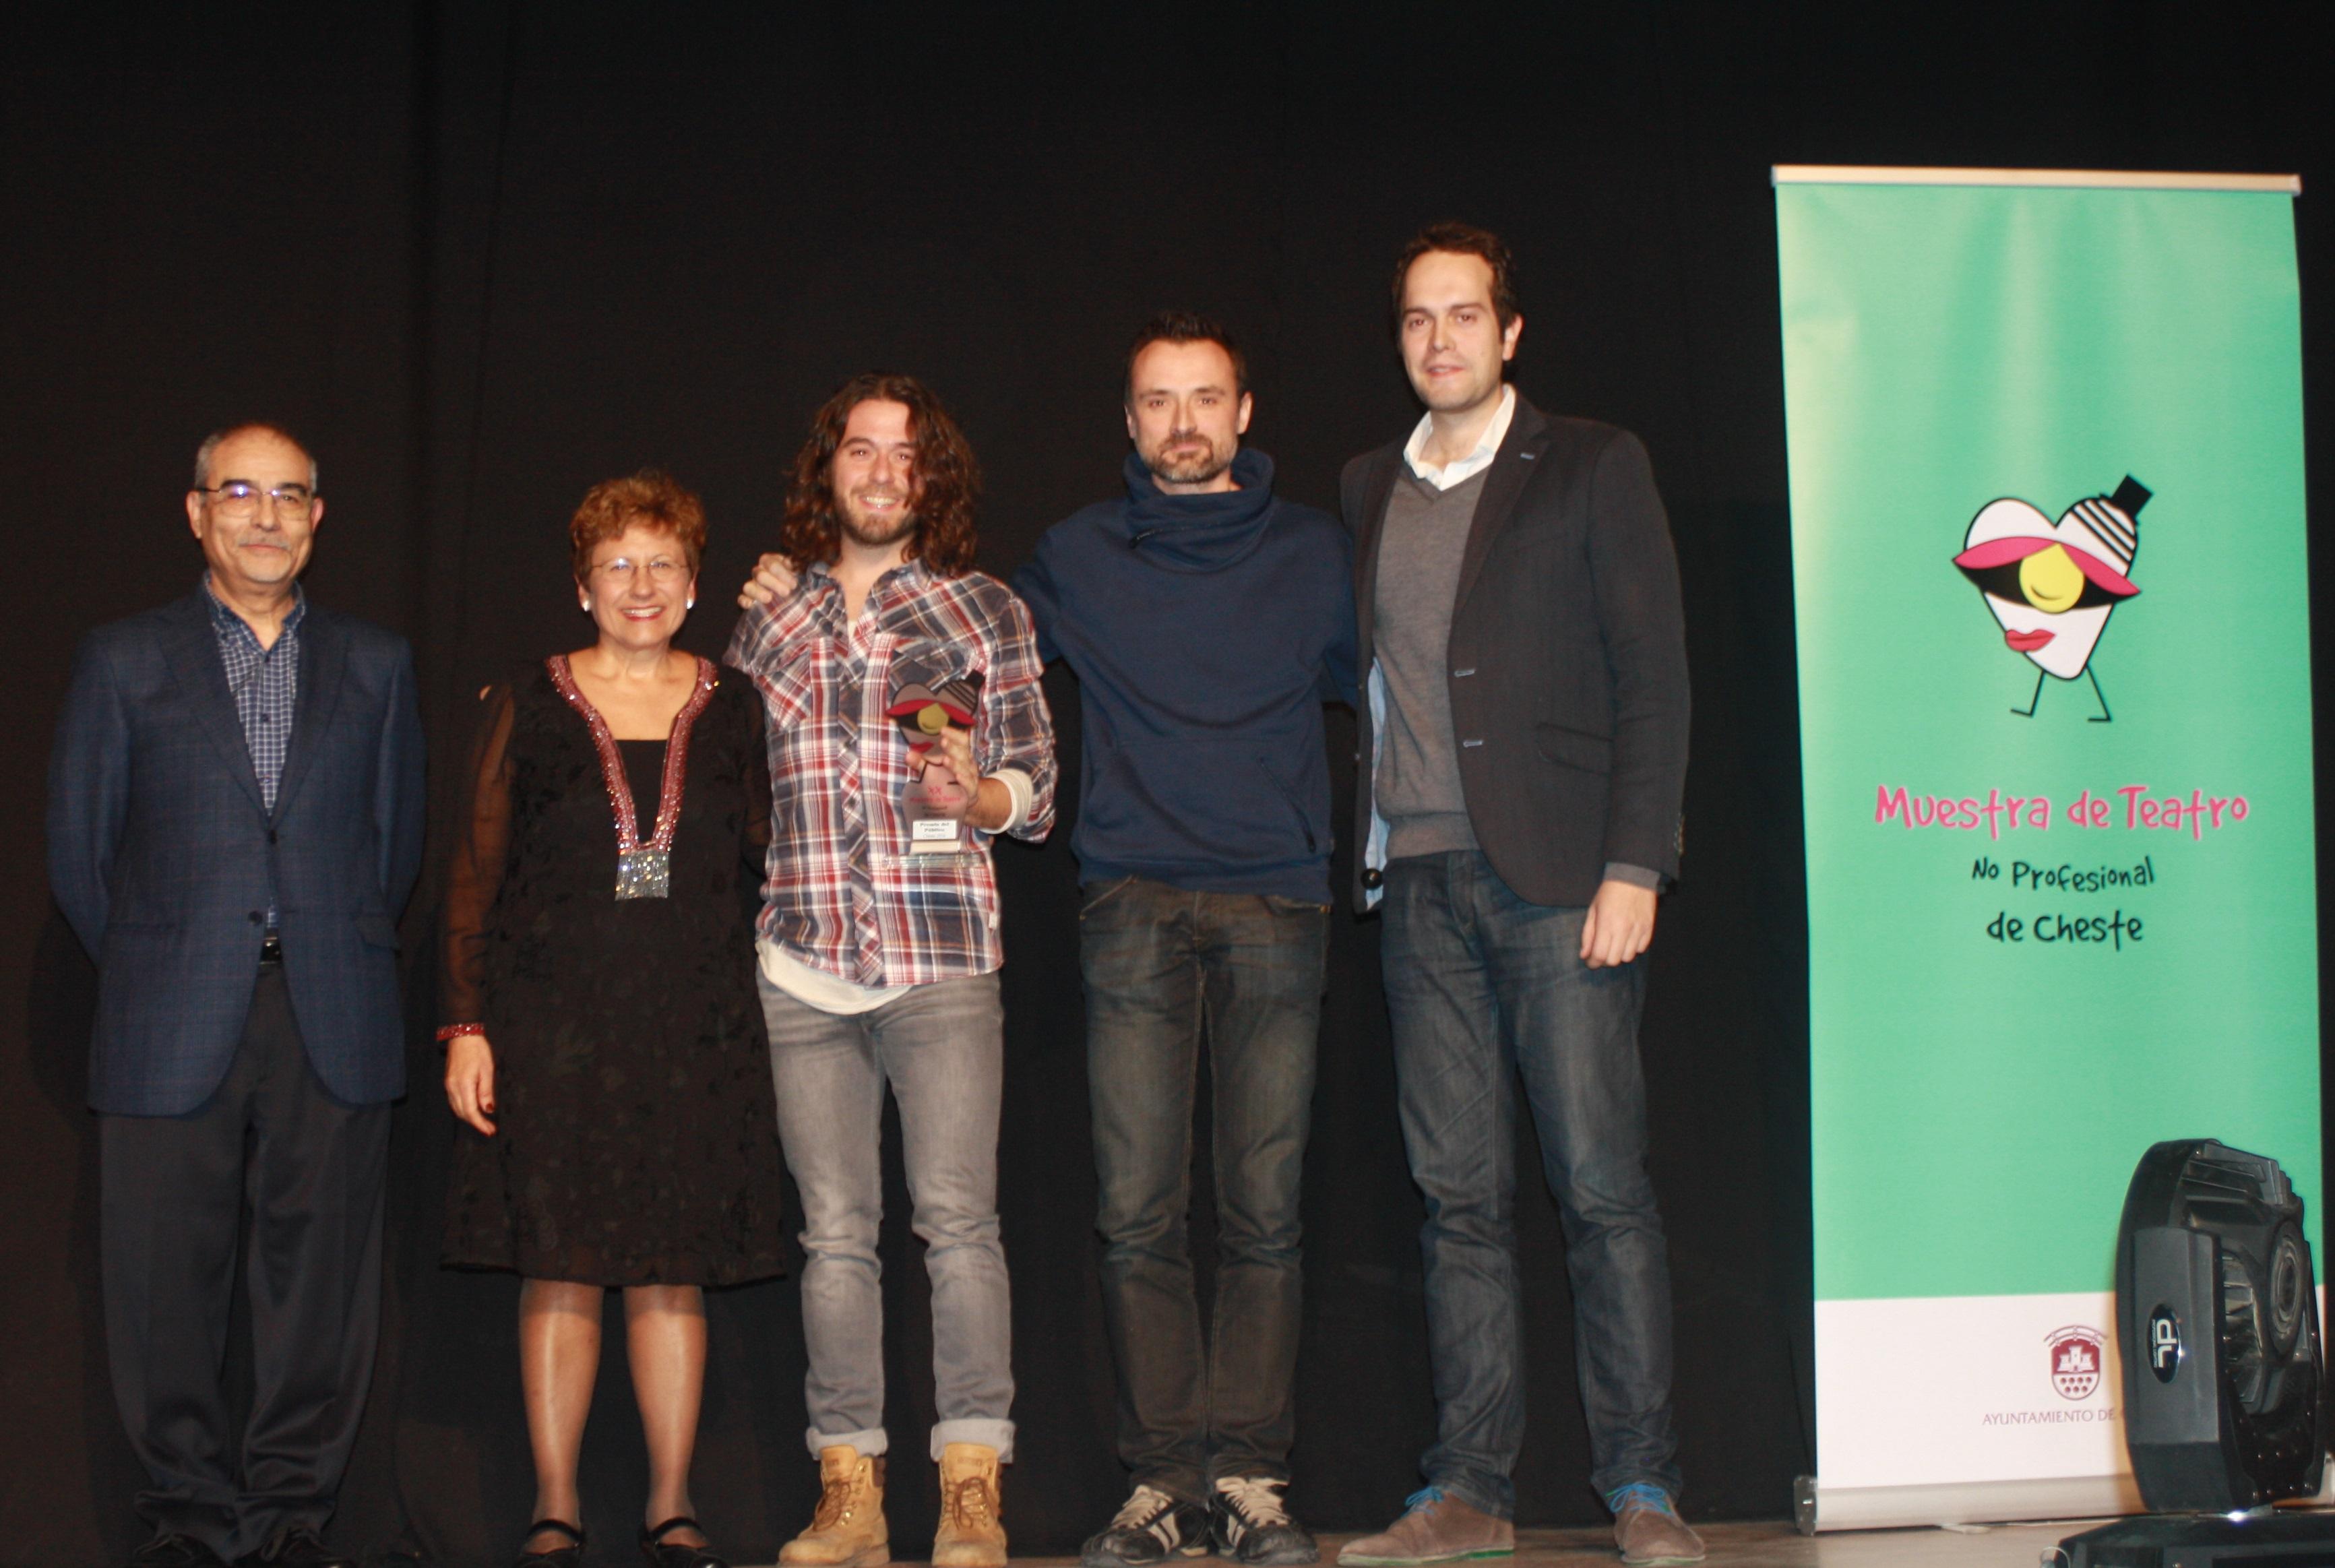 """La compañía aragonesa Teatropello Teatro fue la gran ganadora con tres de los premios, por su obra """"¿Quién dijo miedo?""""."""